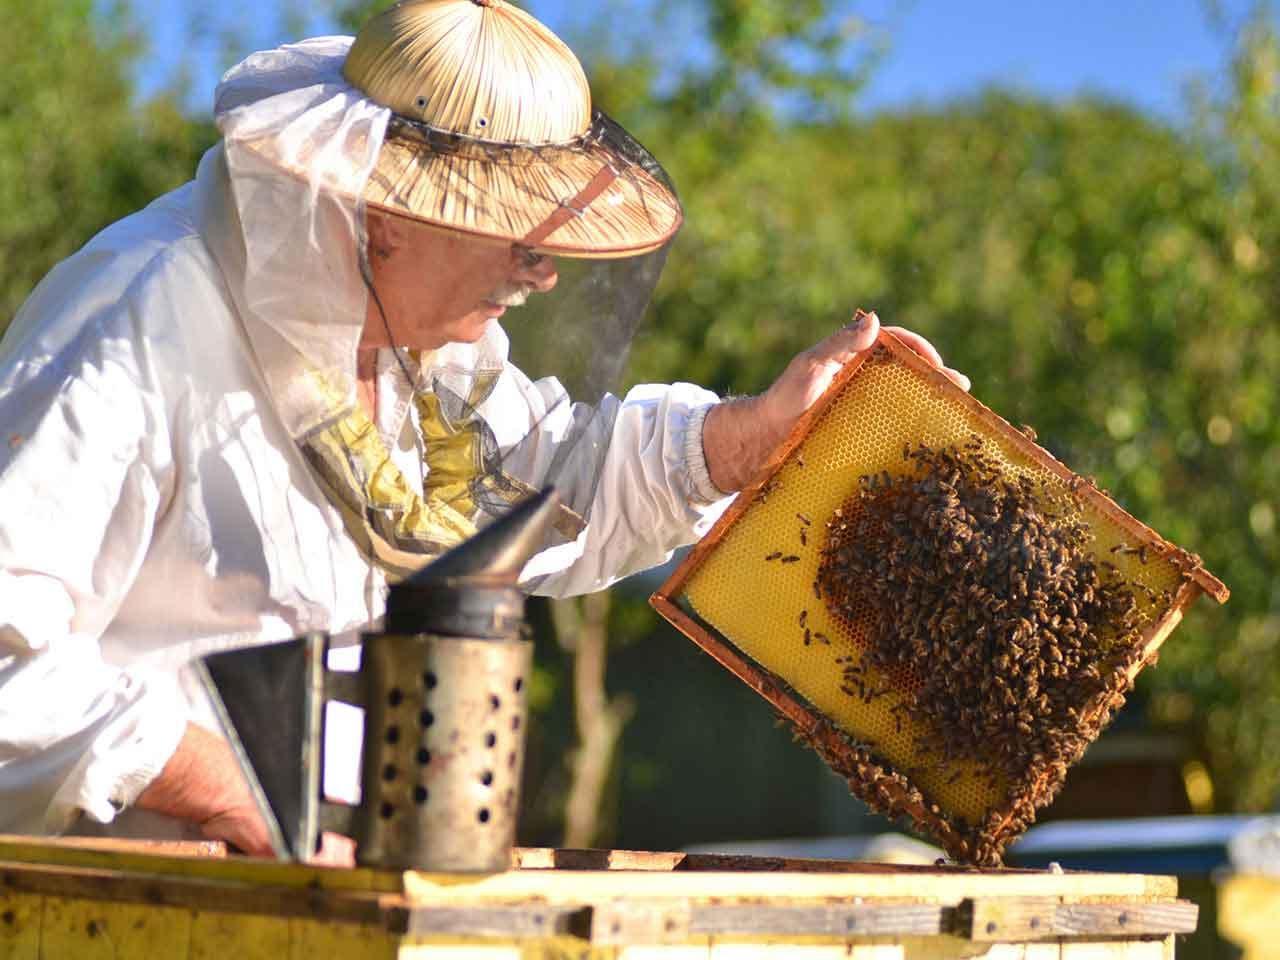 صورة تربية النحل , كيفيه تربيه النحل وانتاج العسل